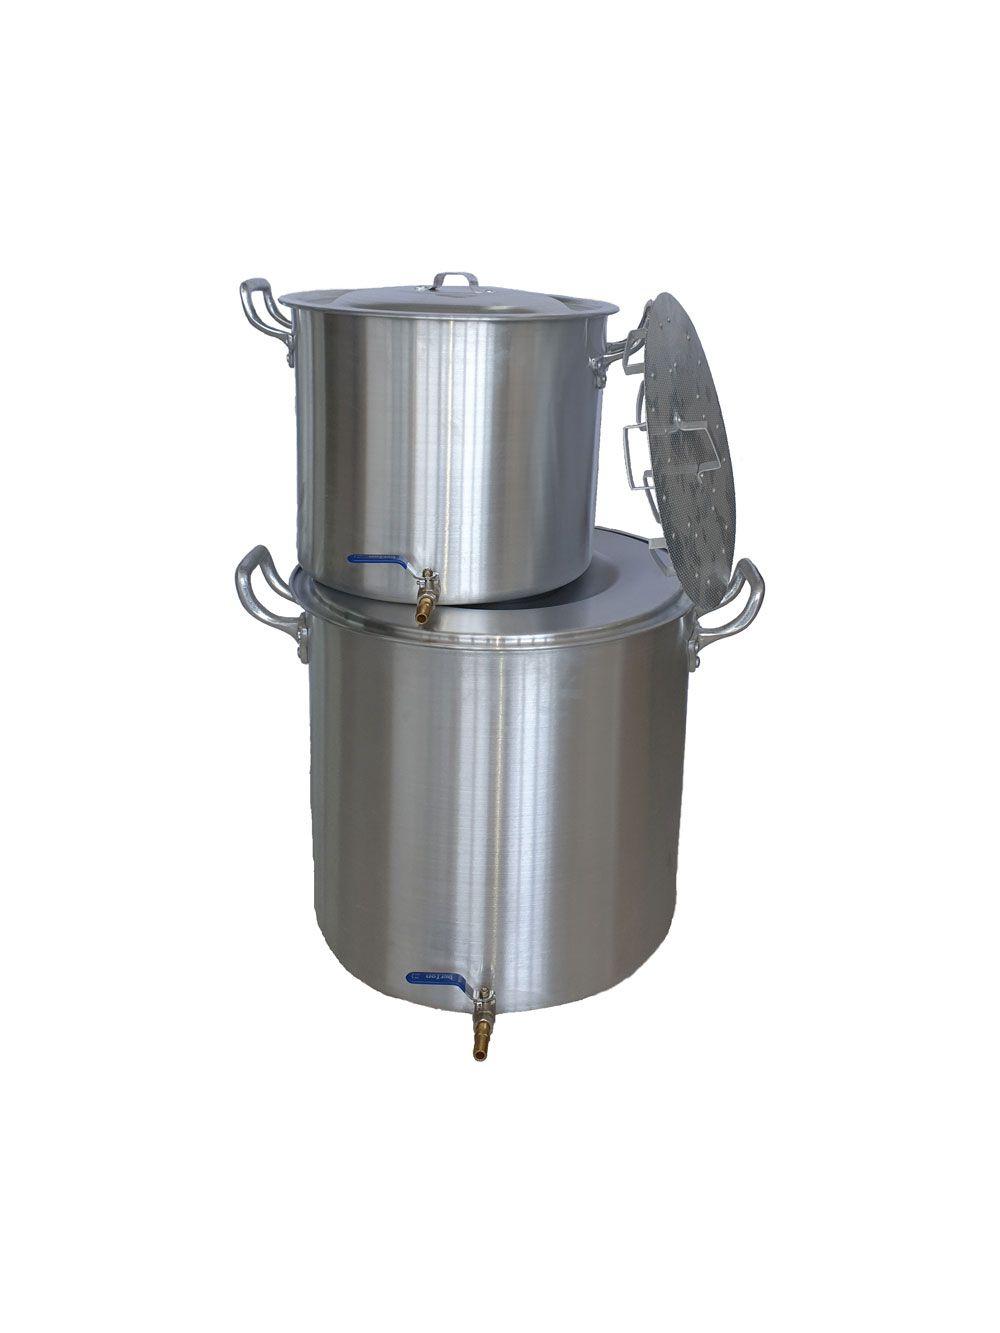 Kit de 2 Panelas para Produção de 30 litros de Cerveja Artesanal  - Lojão de Ofertas